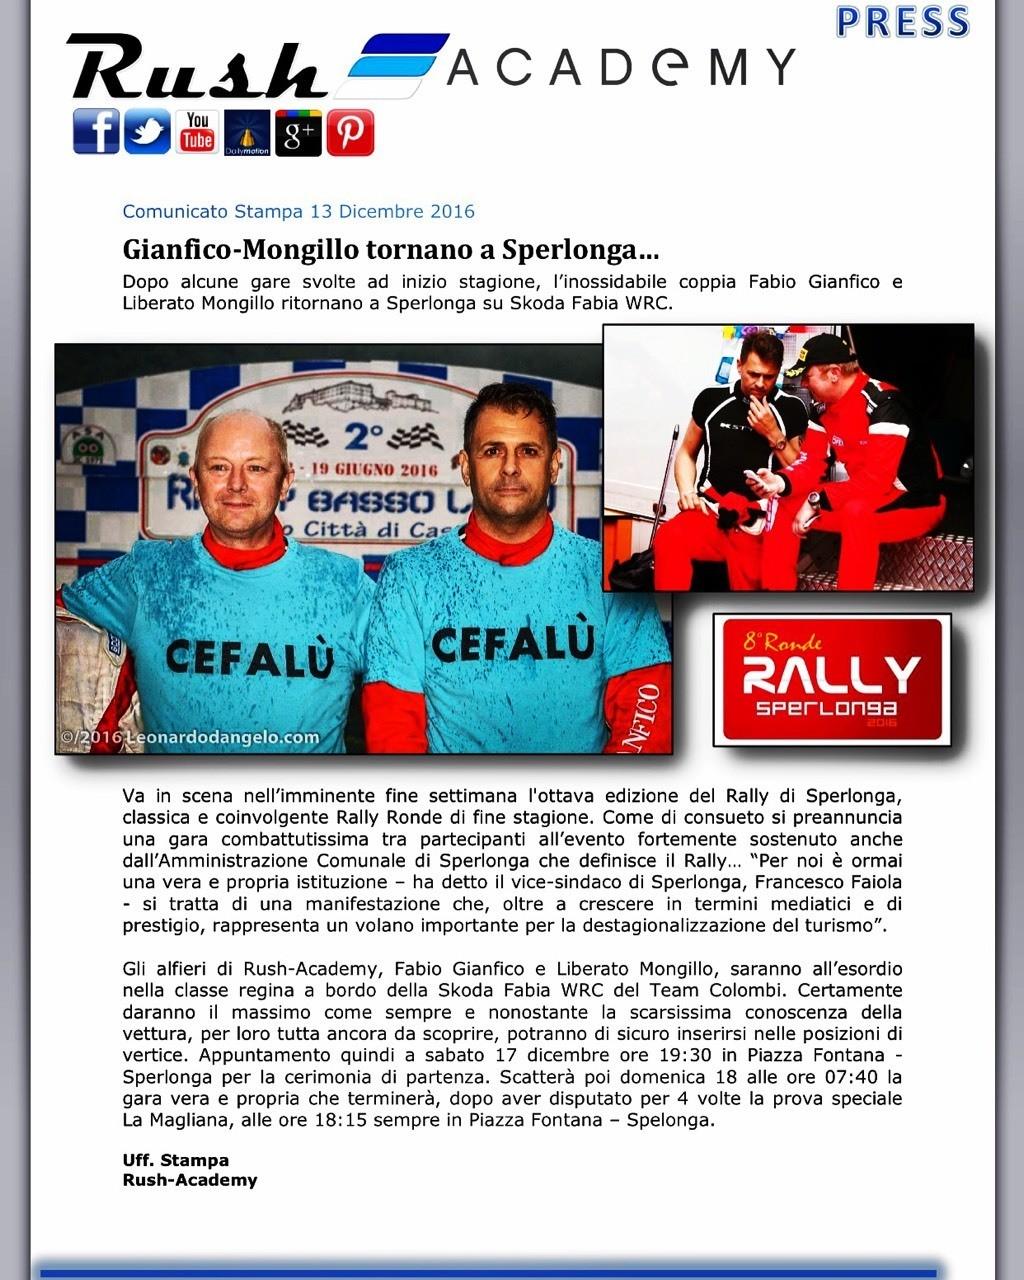 Comunicato Stampa 13 Dicembre 2016 Gianfico-Mongillo tornano a Sperlonga… Dopo alcune gare svolte ad inizio stagione, l'inossidabile coppia Fabio Gianfico e Liberato Mongillo ritornano a Sperlonga su Skoda Fabia WRC.